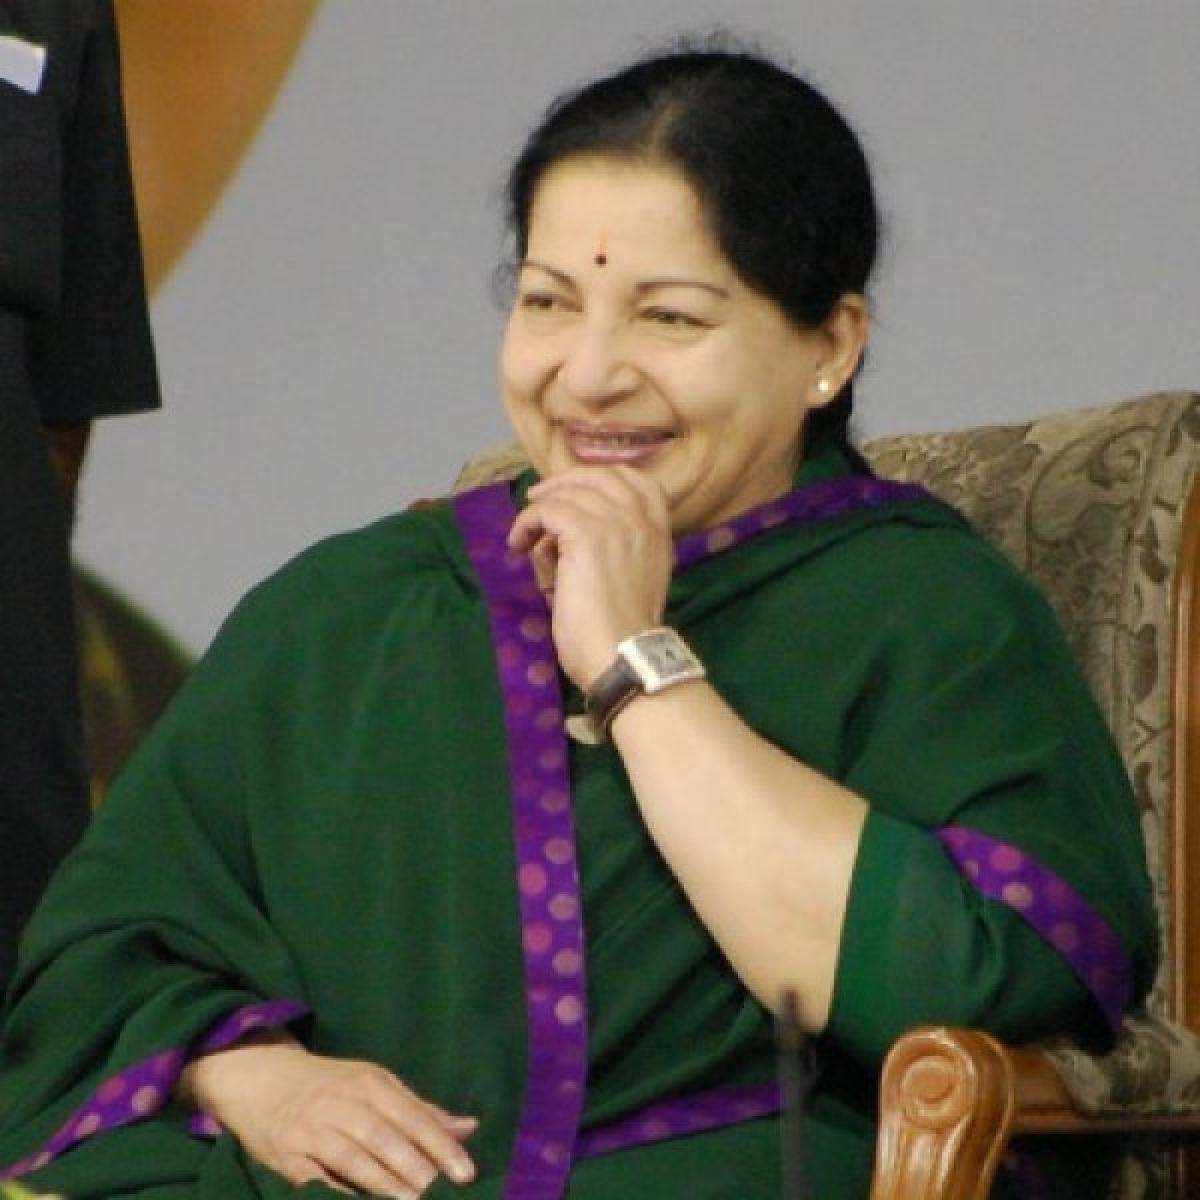 இவர்கள் மனதில் இப்படித்தான் இடம்பிடித்திருக்கிறார் ஜெயலலிதா! #Jayalalithaa